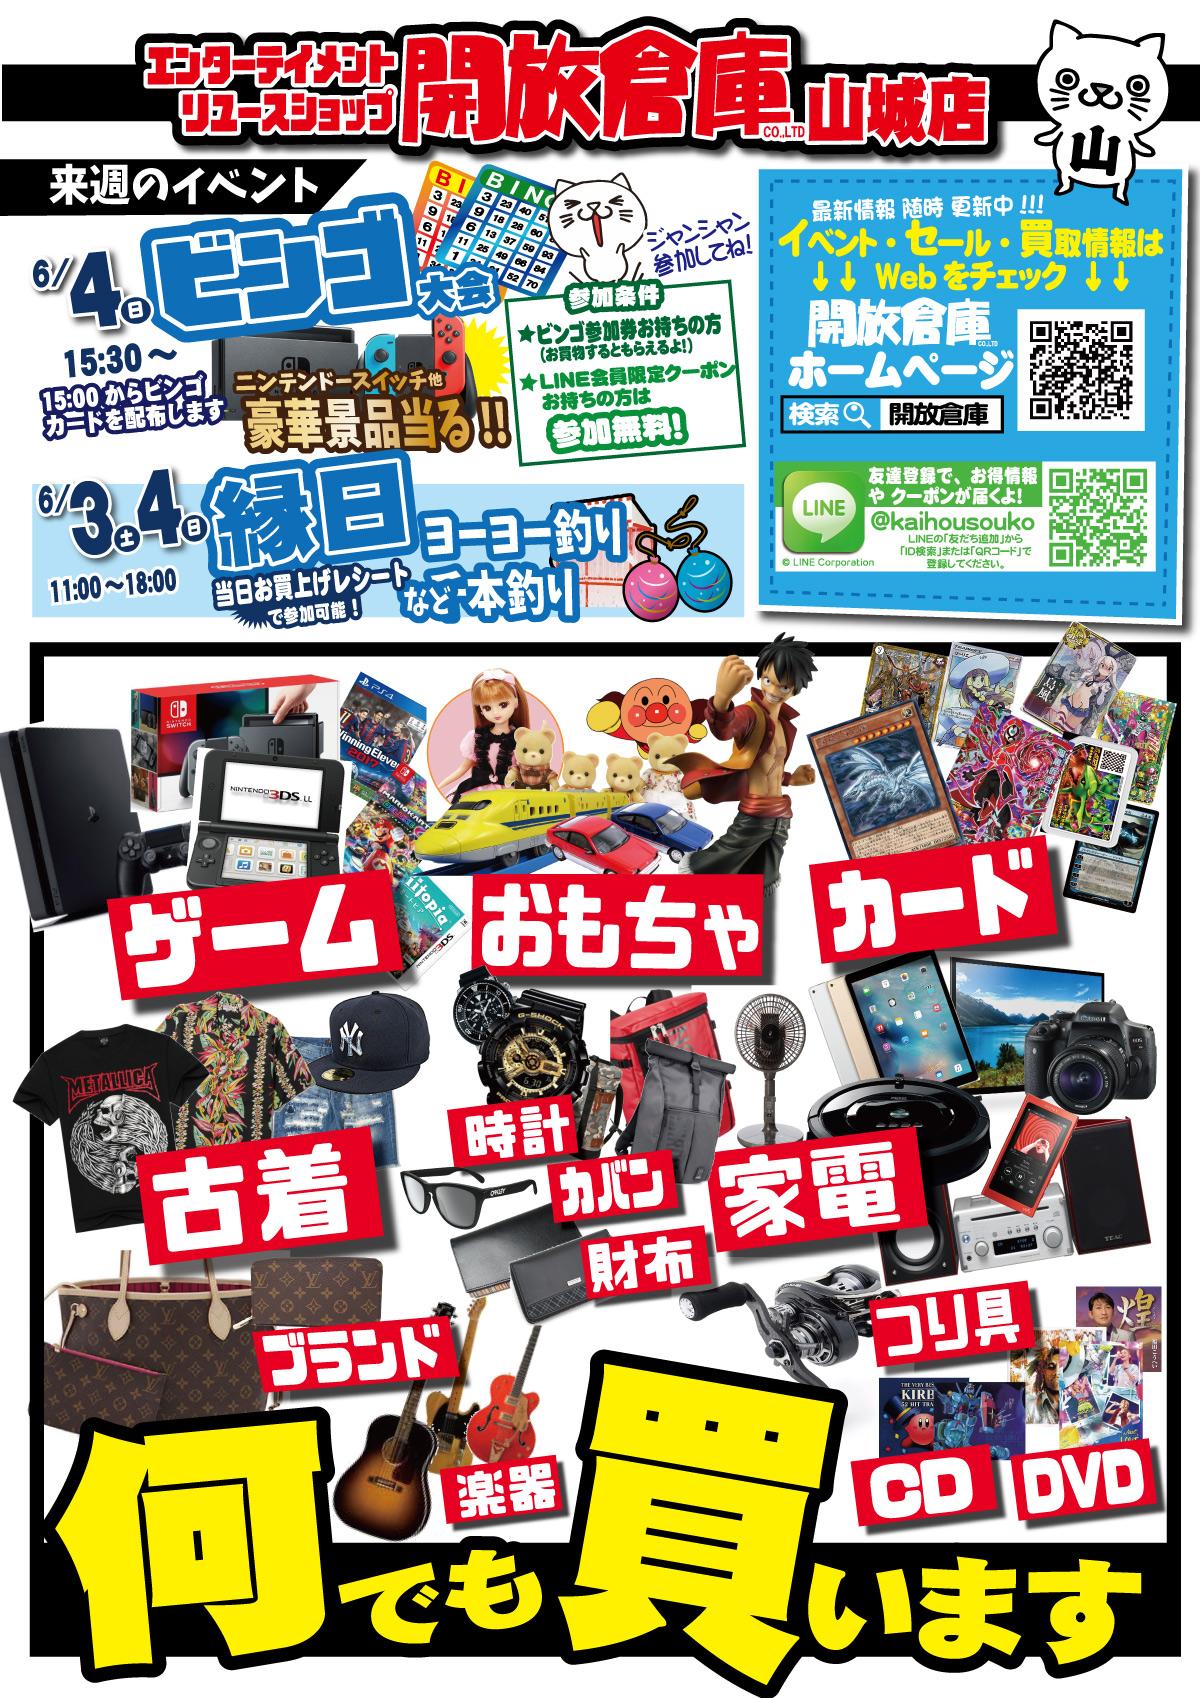 「開放倉庫山城店」3、4日の2日間は縁日開催!!さらに、6月4日(日)はニンテンドースイッチ他豪華景品が当たるビンゴ大会を開催!!